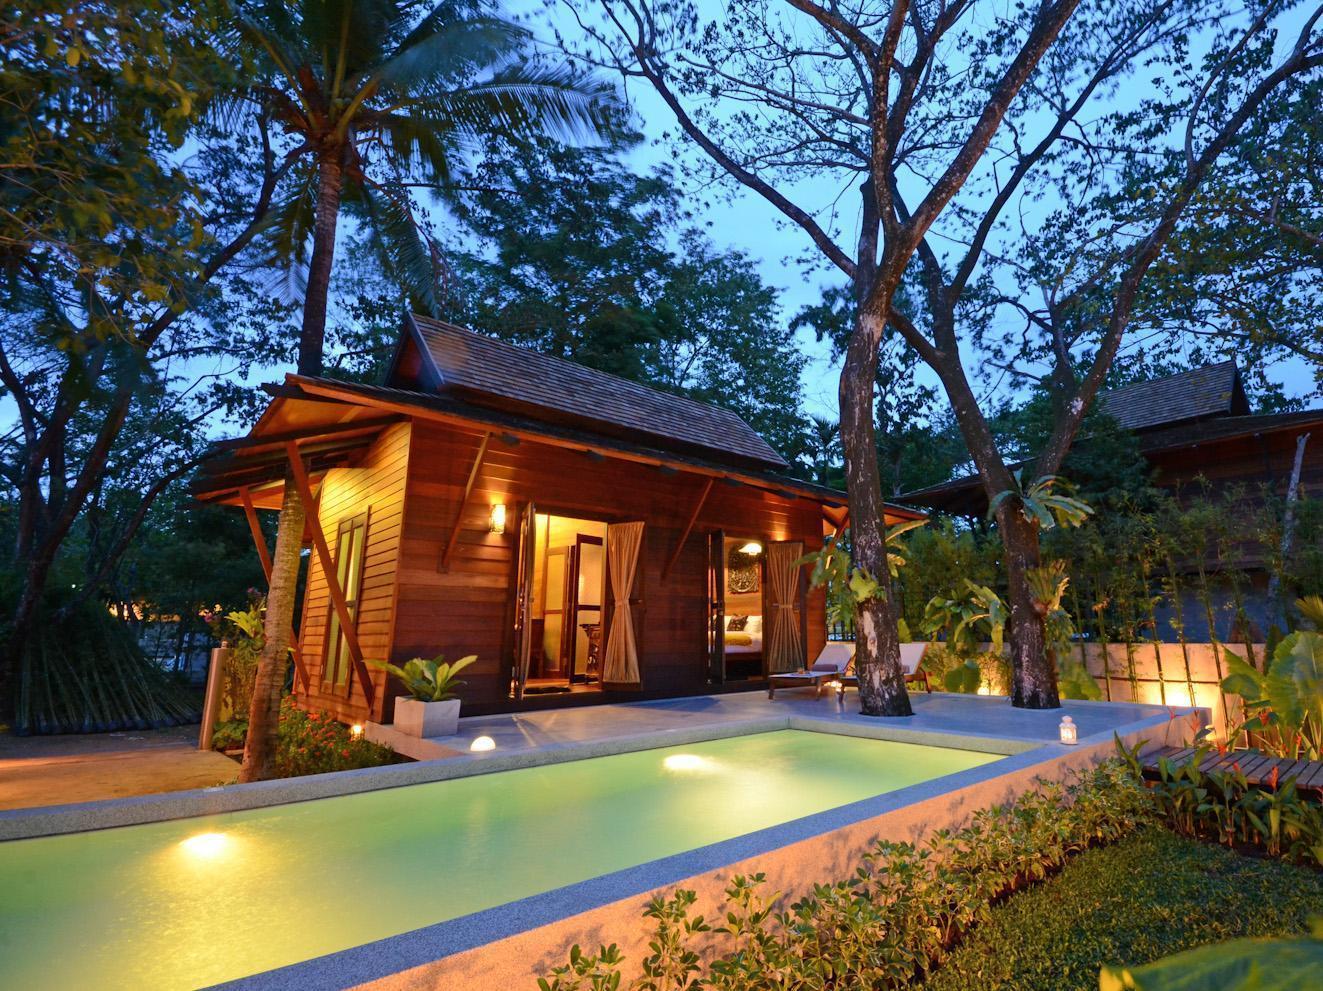 Ananta Thai Pool Villas Resort Phuket อนันตา ไทย พูล วิลล่าส์ รีสอร์ท ภูเก็ต